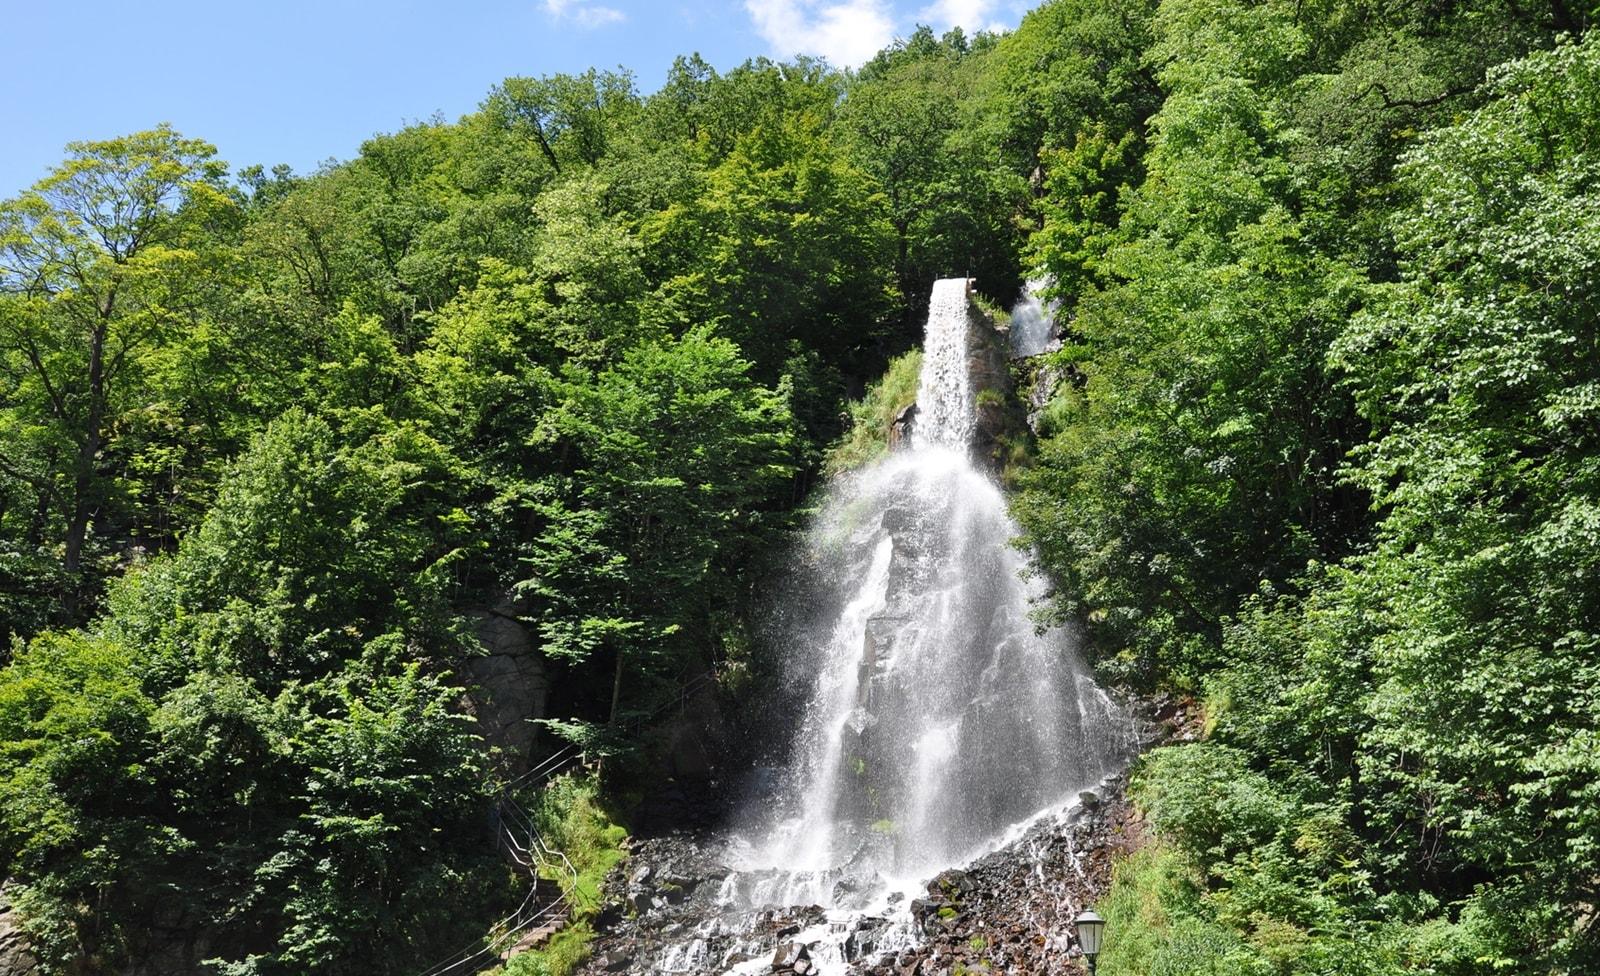 Wasserfall in Thüringen